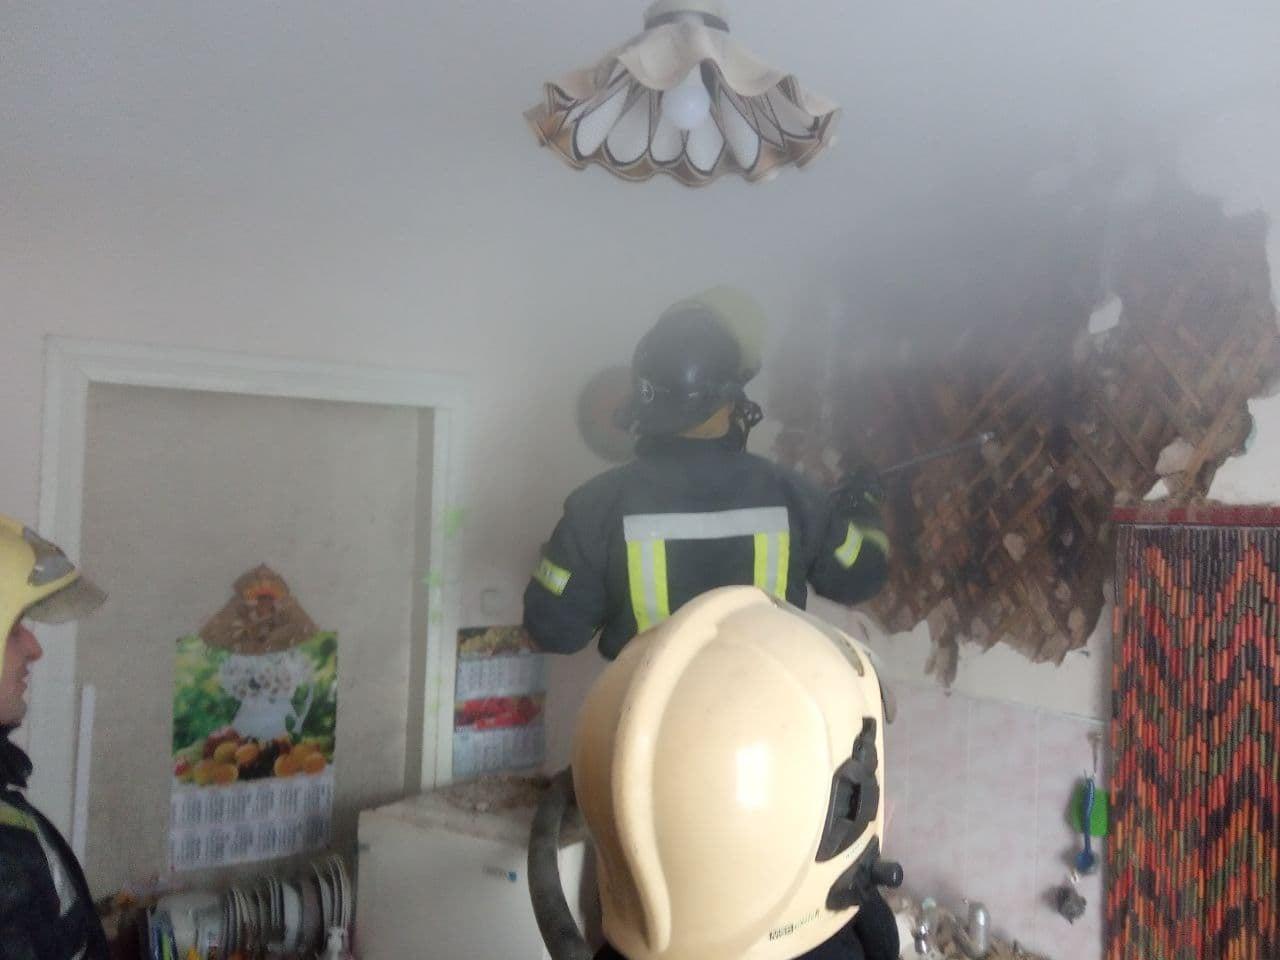 Пожежі на Вишгородщині: вогонь перекинувся на сусідні будинки - рятувальники, пожежа будинку, Вишгородський район - DSNS1